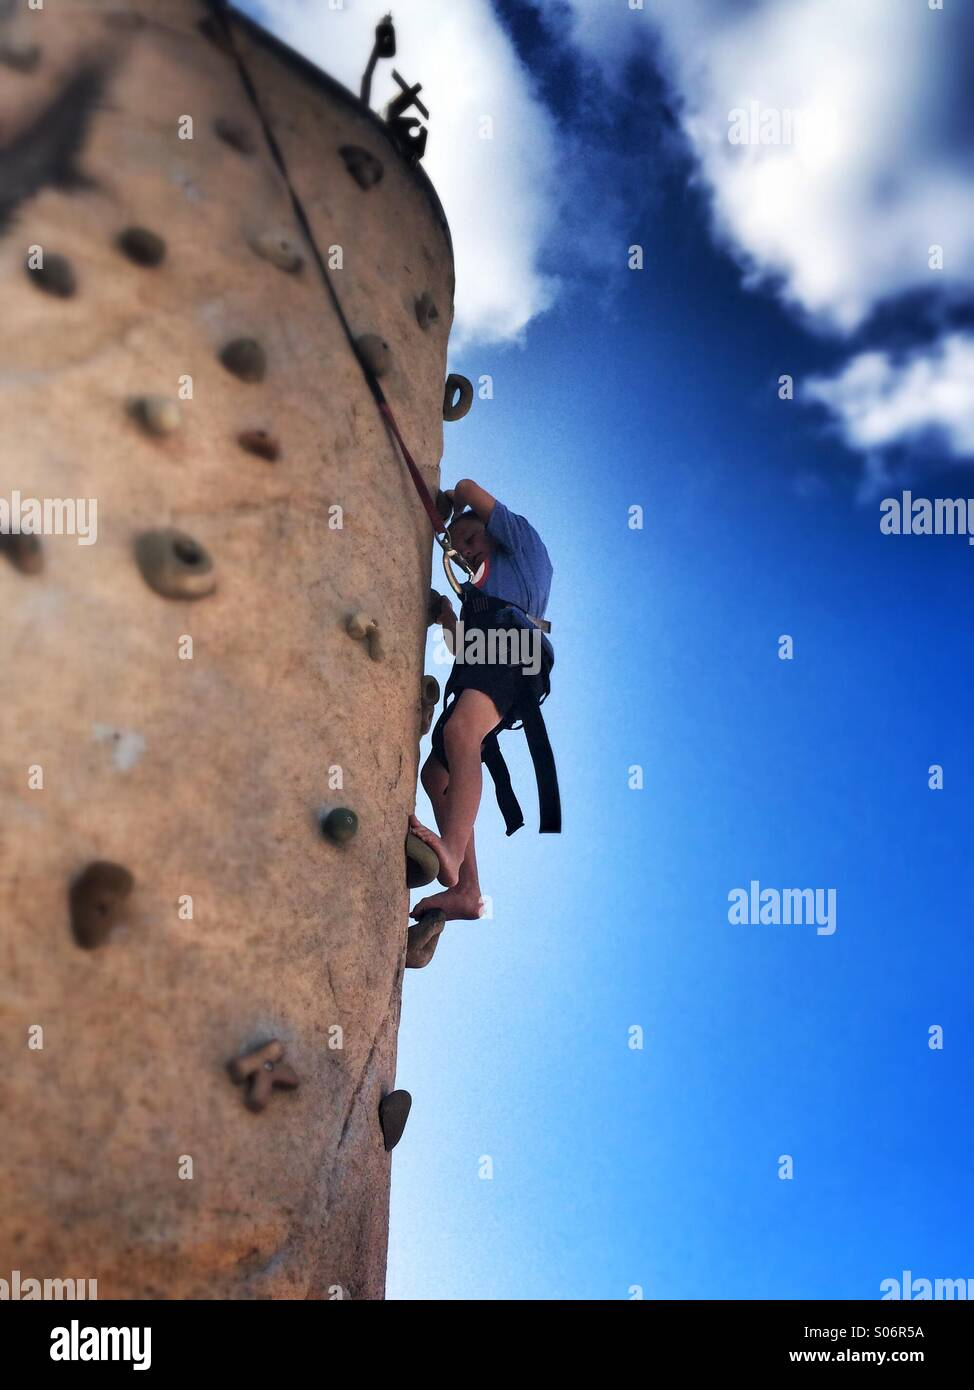 Un joven intenta trepar por una pared de roca Imagen De Stock